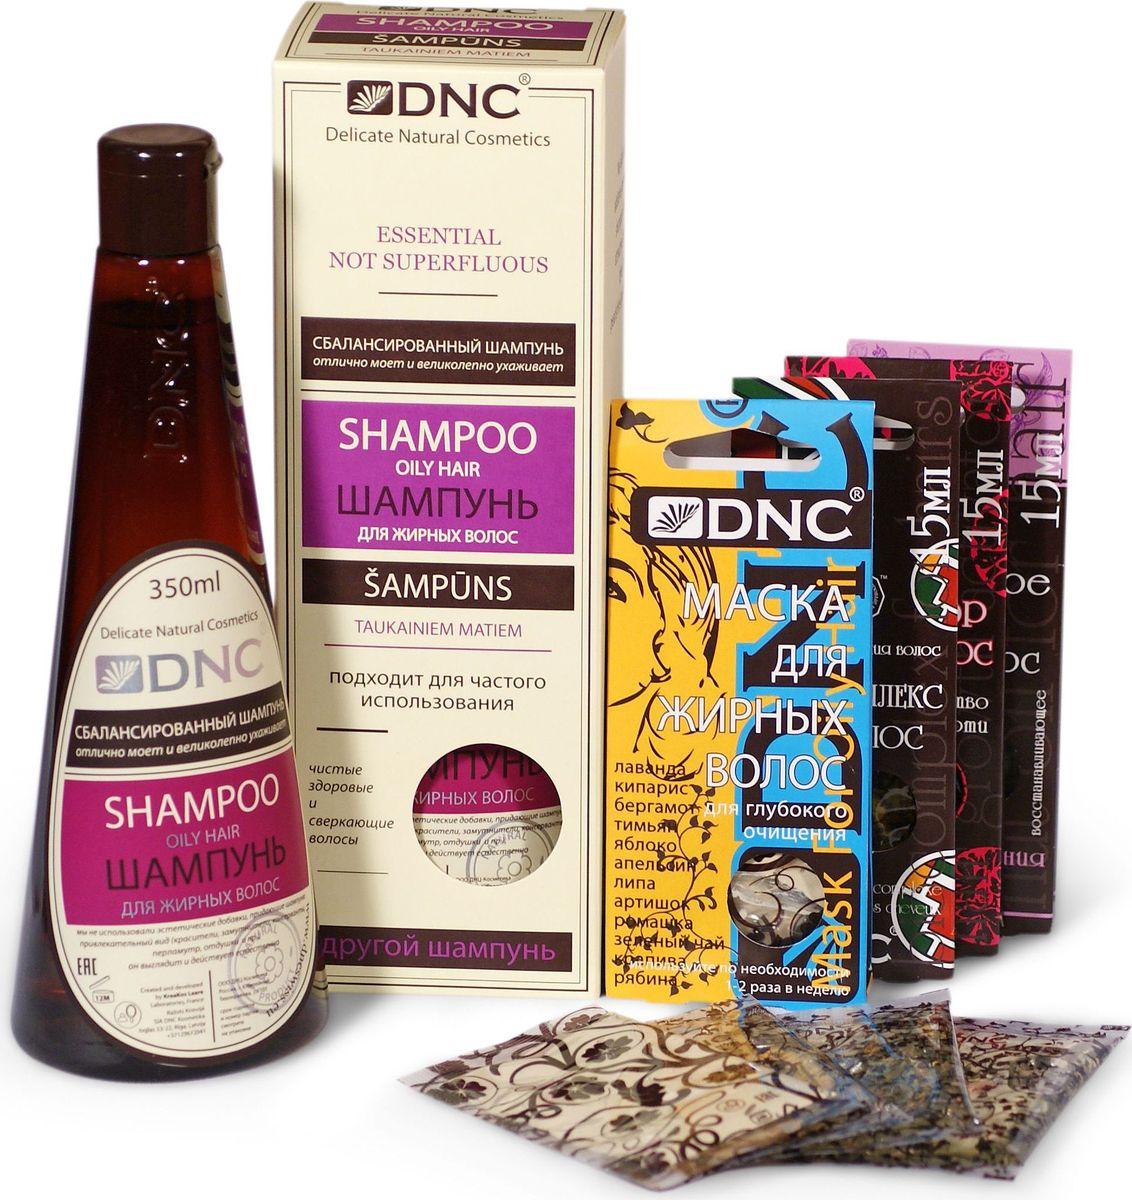 DNC Набор: Шампунь для жирных волос, 350 мл, маска для жирных волос, 3х15 мл, ореховое масло для волос против сечения, 15 мл, биокомплекс для волос против выпадения, 15 мл, активатор для волос против перхоти, 15 мл dnc маска для жирных волос 3 15 мл